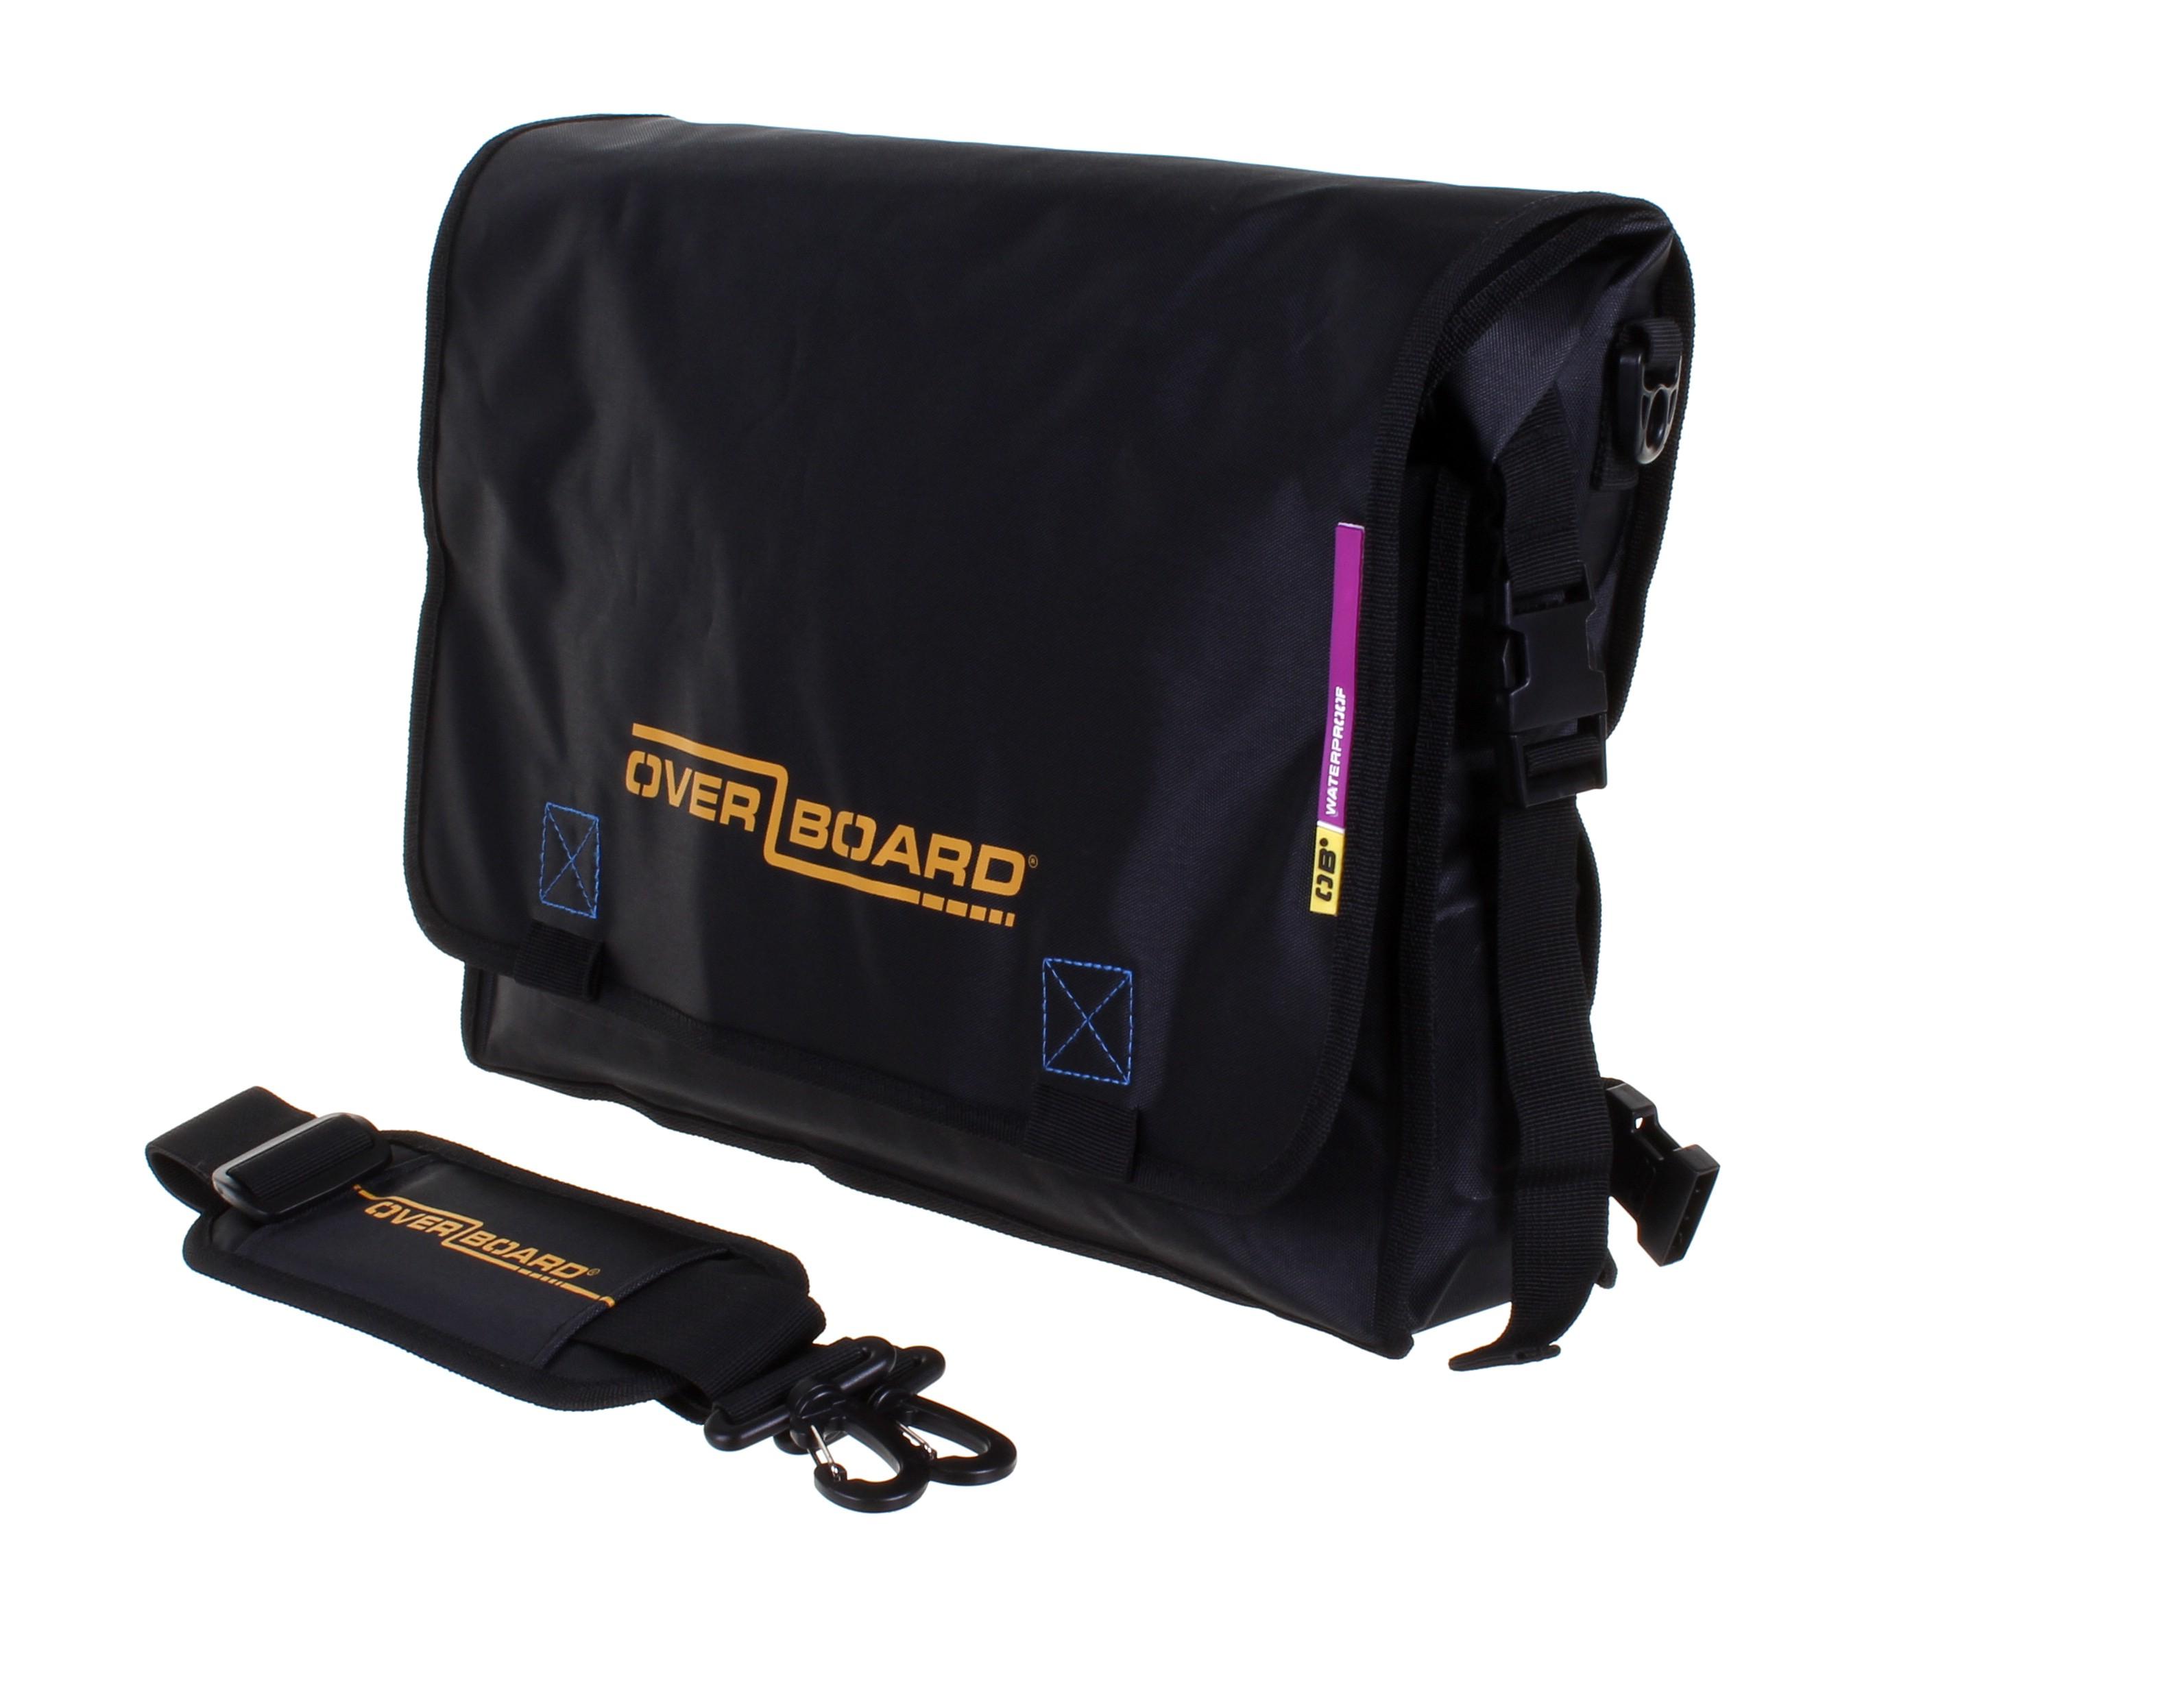 Overboard Pro light Messenger Bag 33 x 40.5 x 9 cm , 0.6 kg Black (2671)